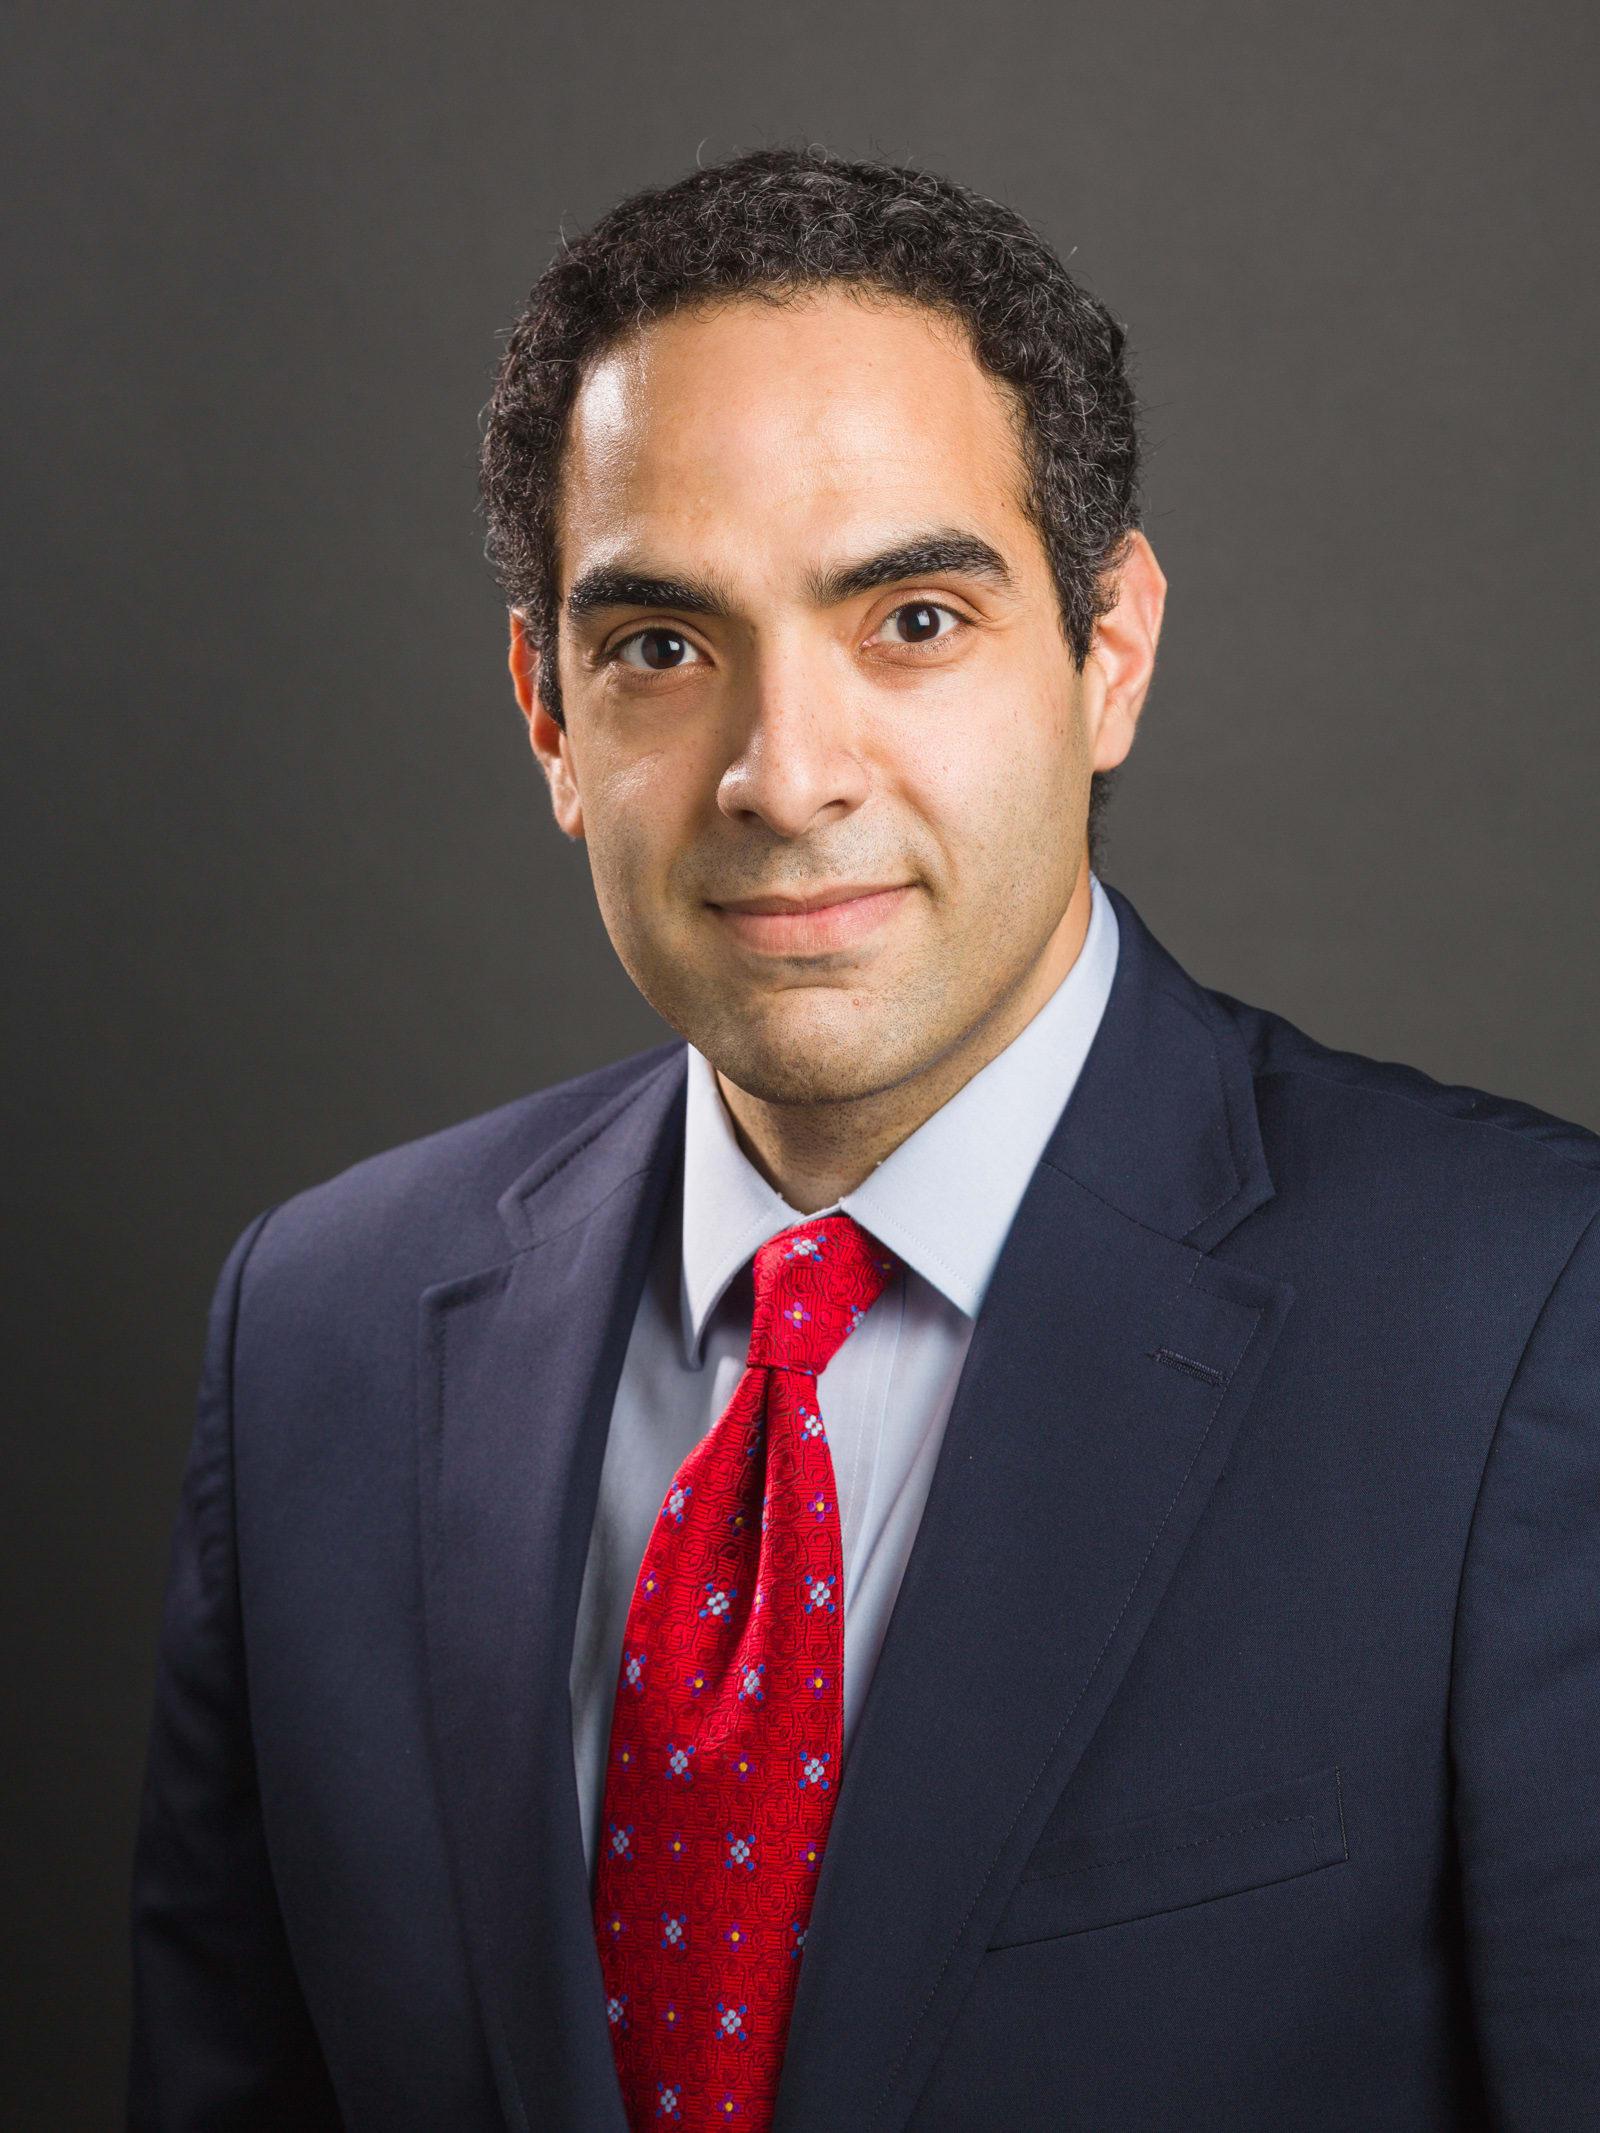 Amir Masoud